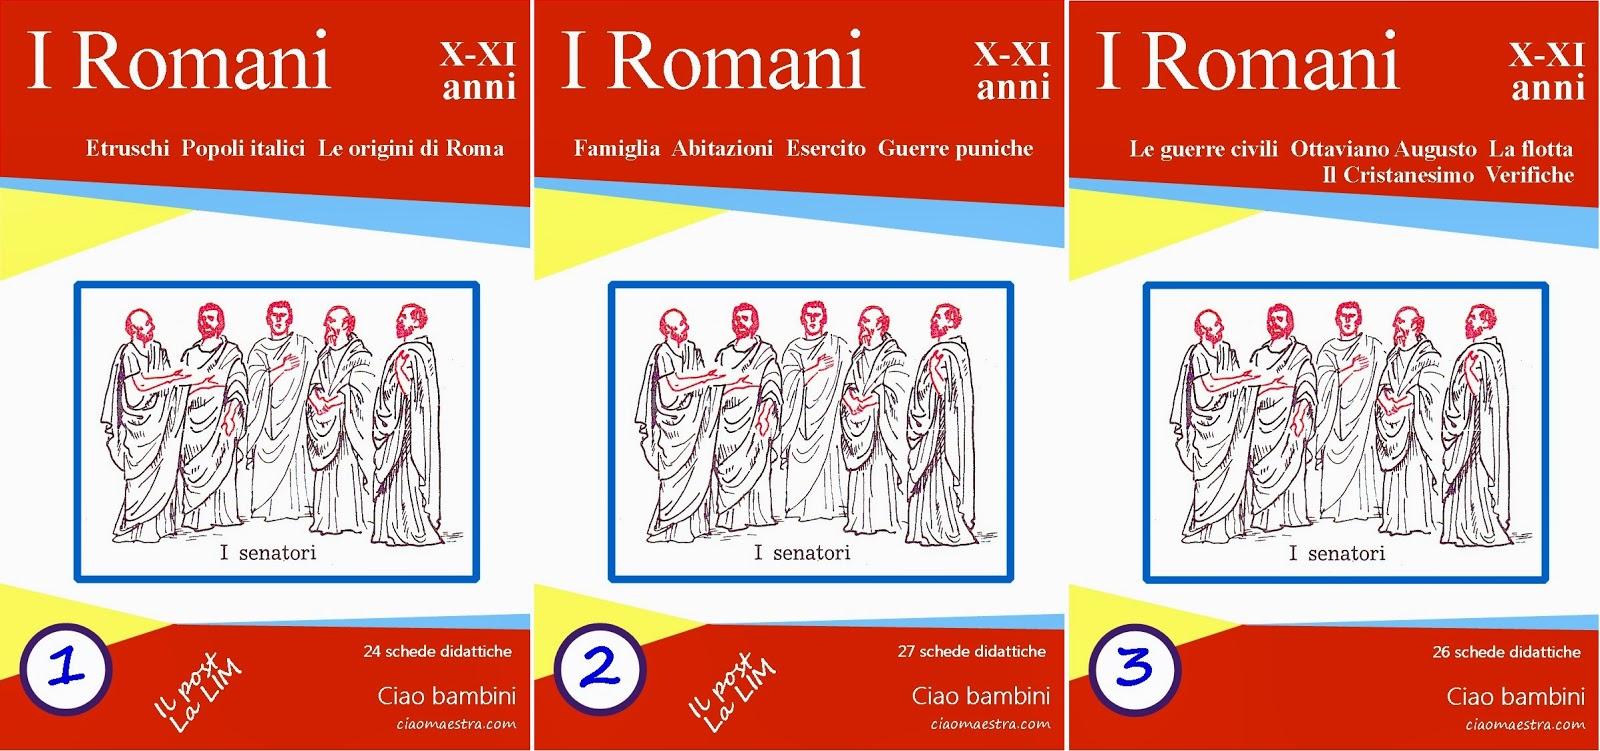 Ben noto Ciao bambini: Storia: Roma PD86